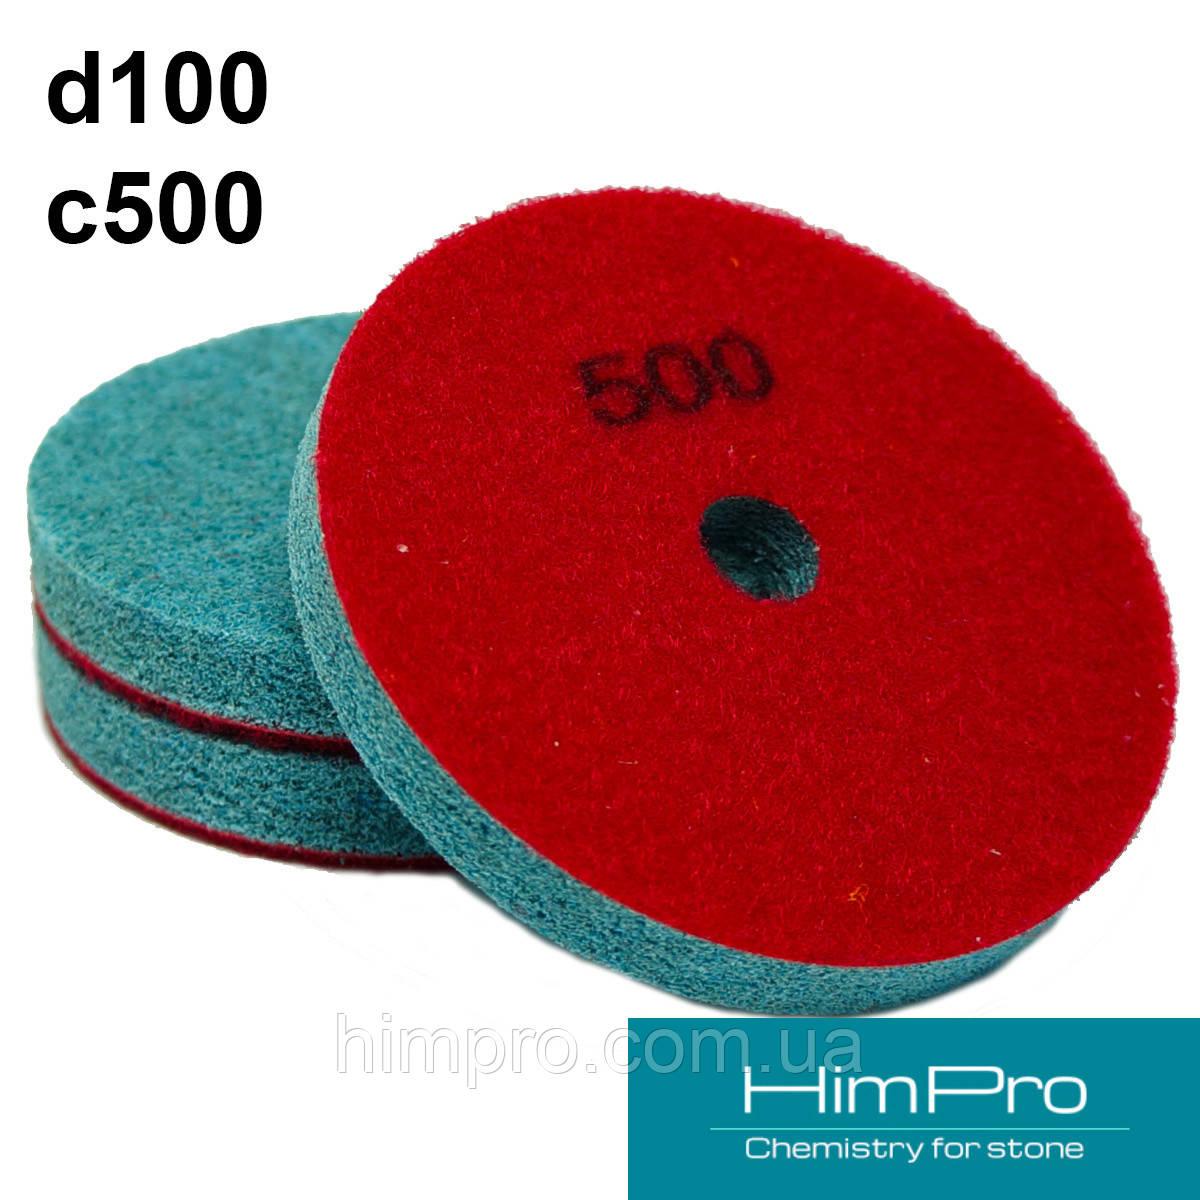 Алмазные спонжи d100 C500